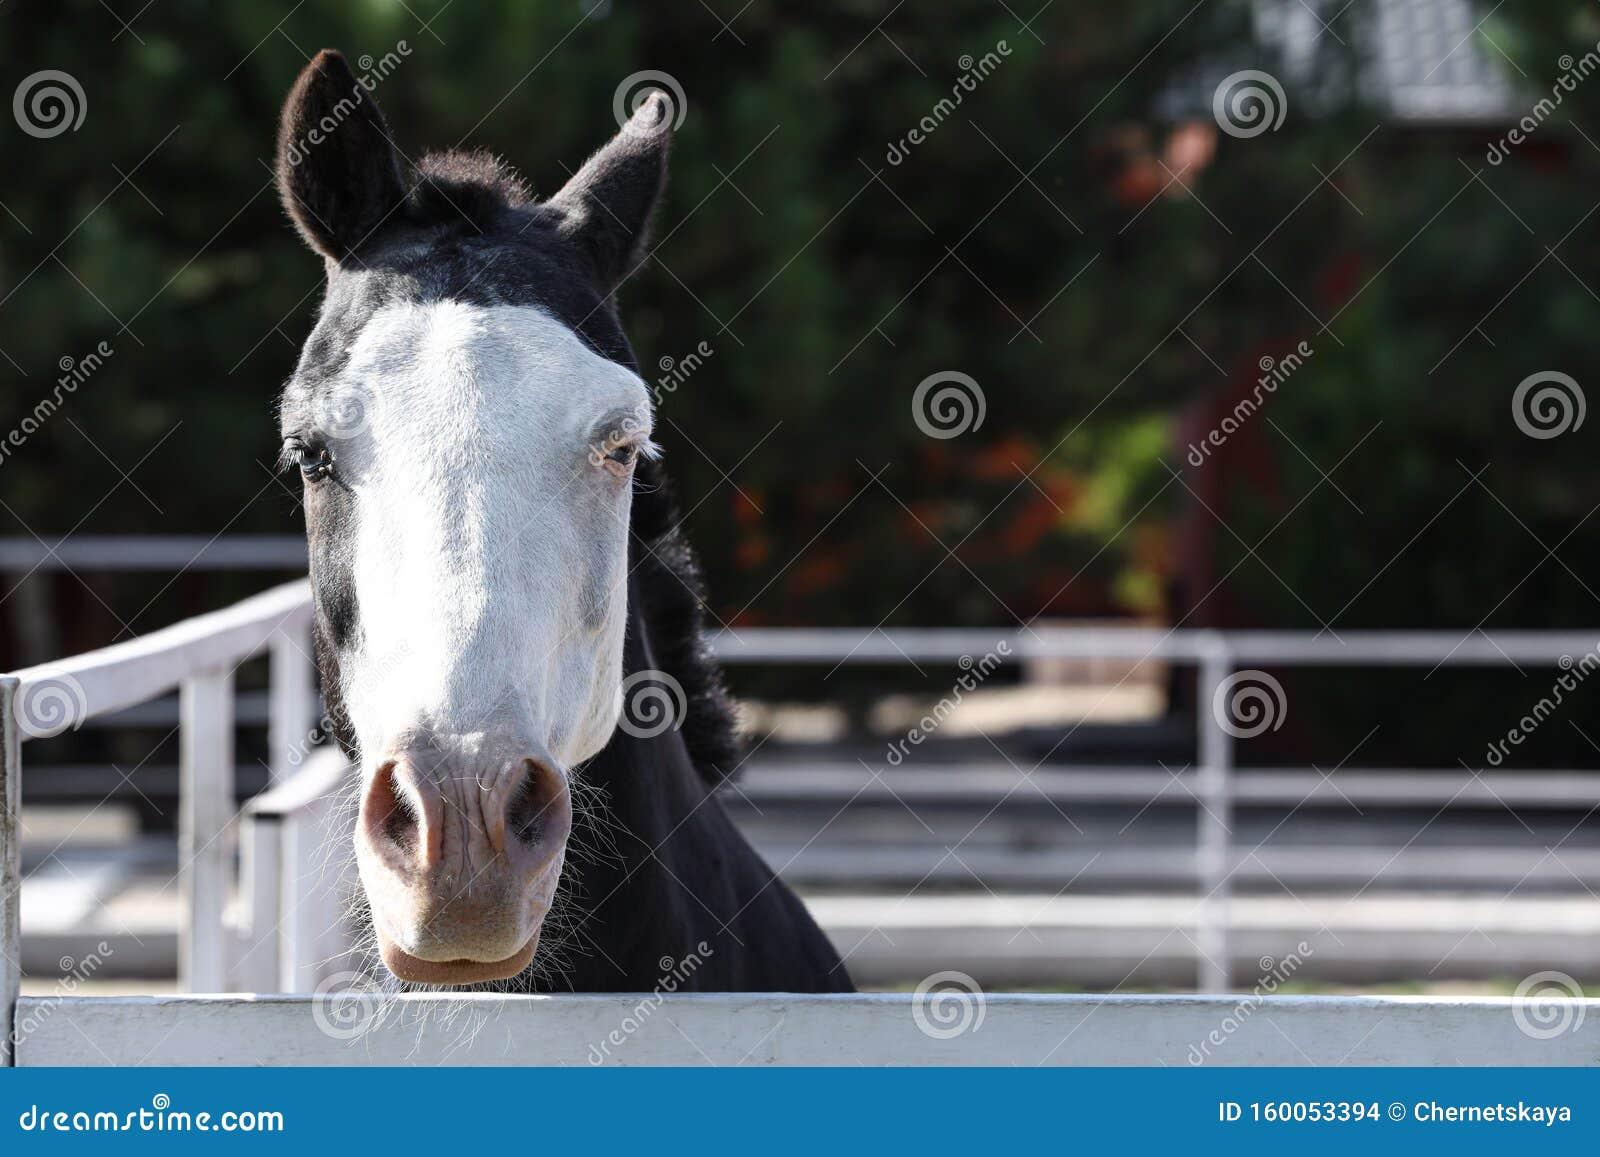 Splashed White Horse At Light Fence Stock Photo Image Of Fauna Light 160053394